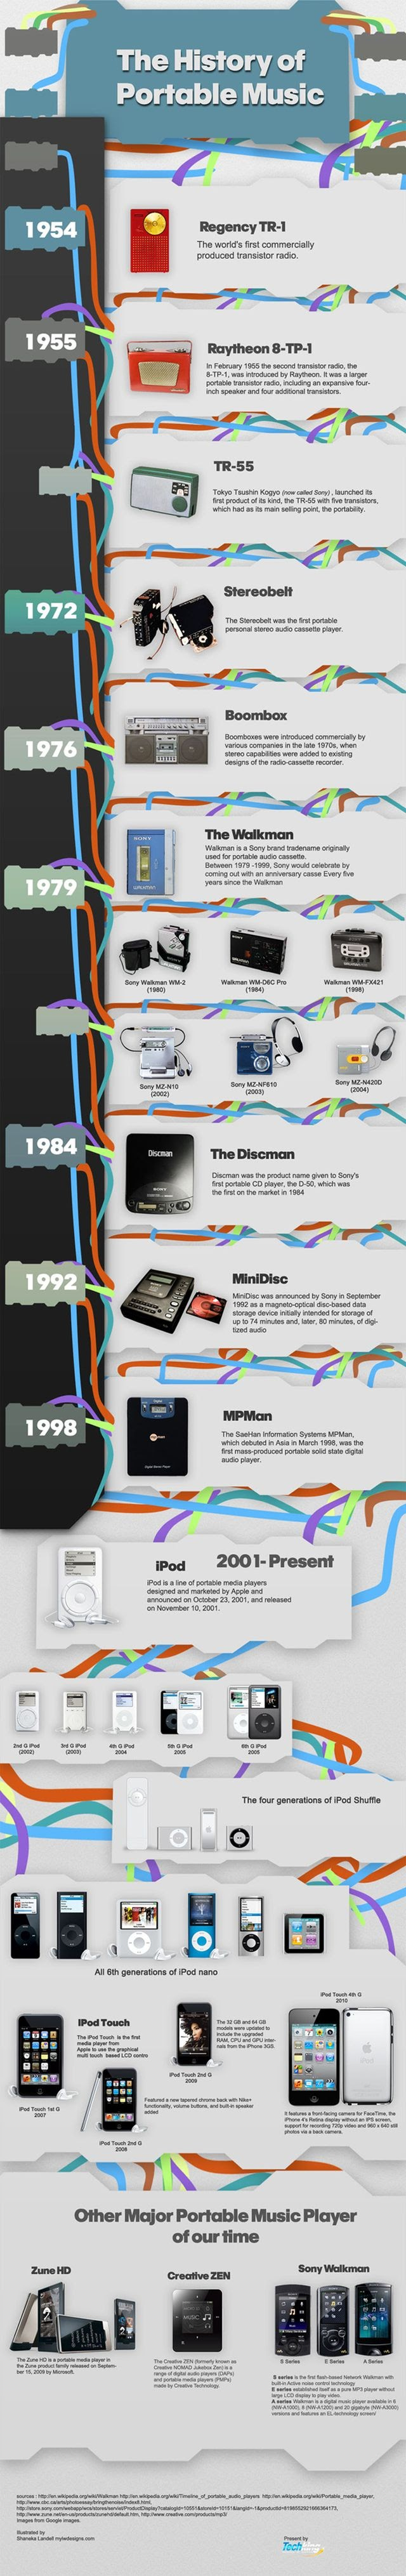 L'histoire complète de la musique portable (Infographie)